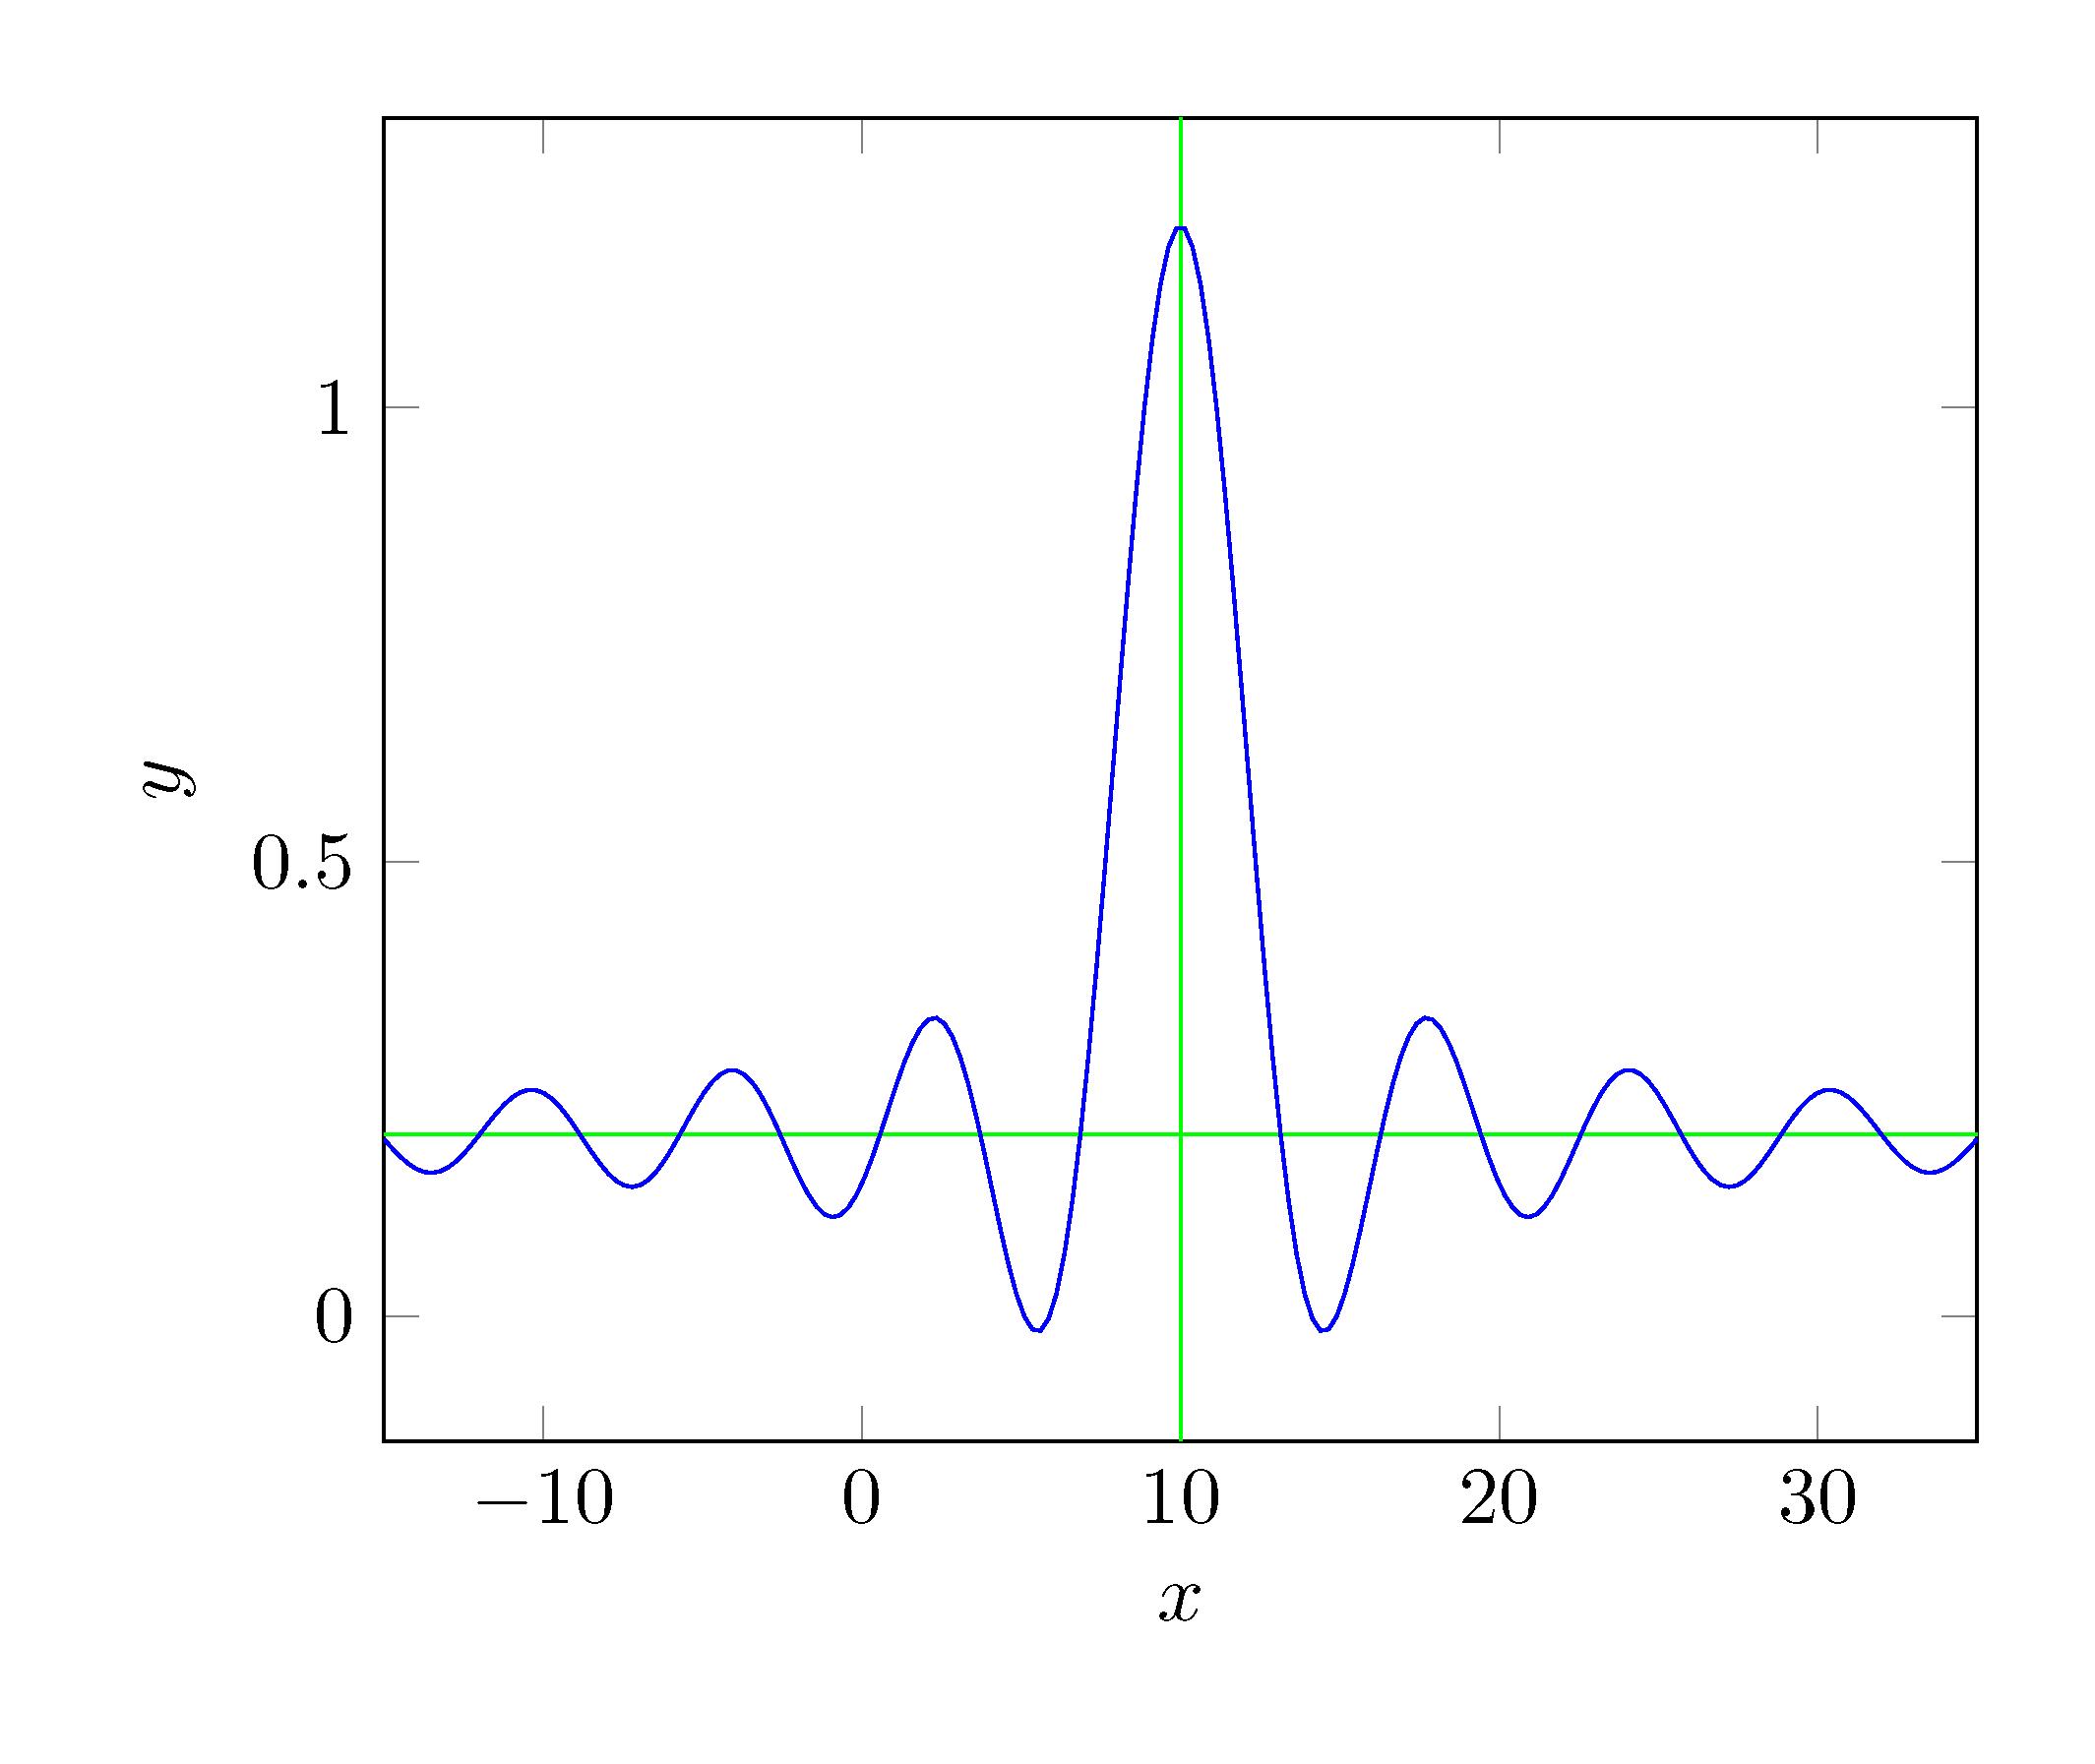 Wie kann ich in pgfplots horizontale oder vertikale